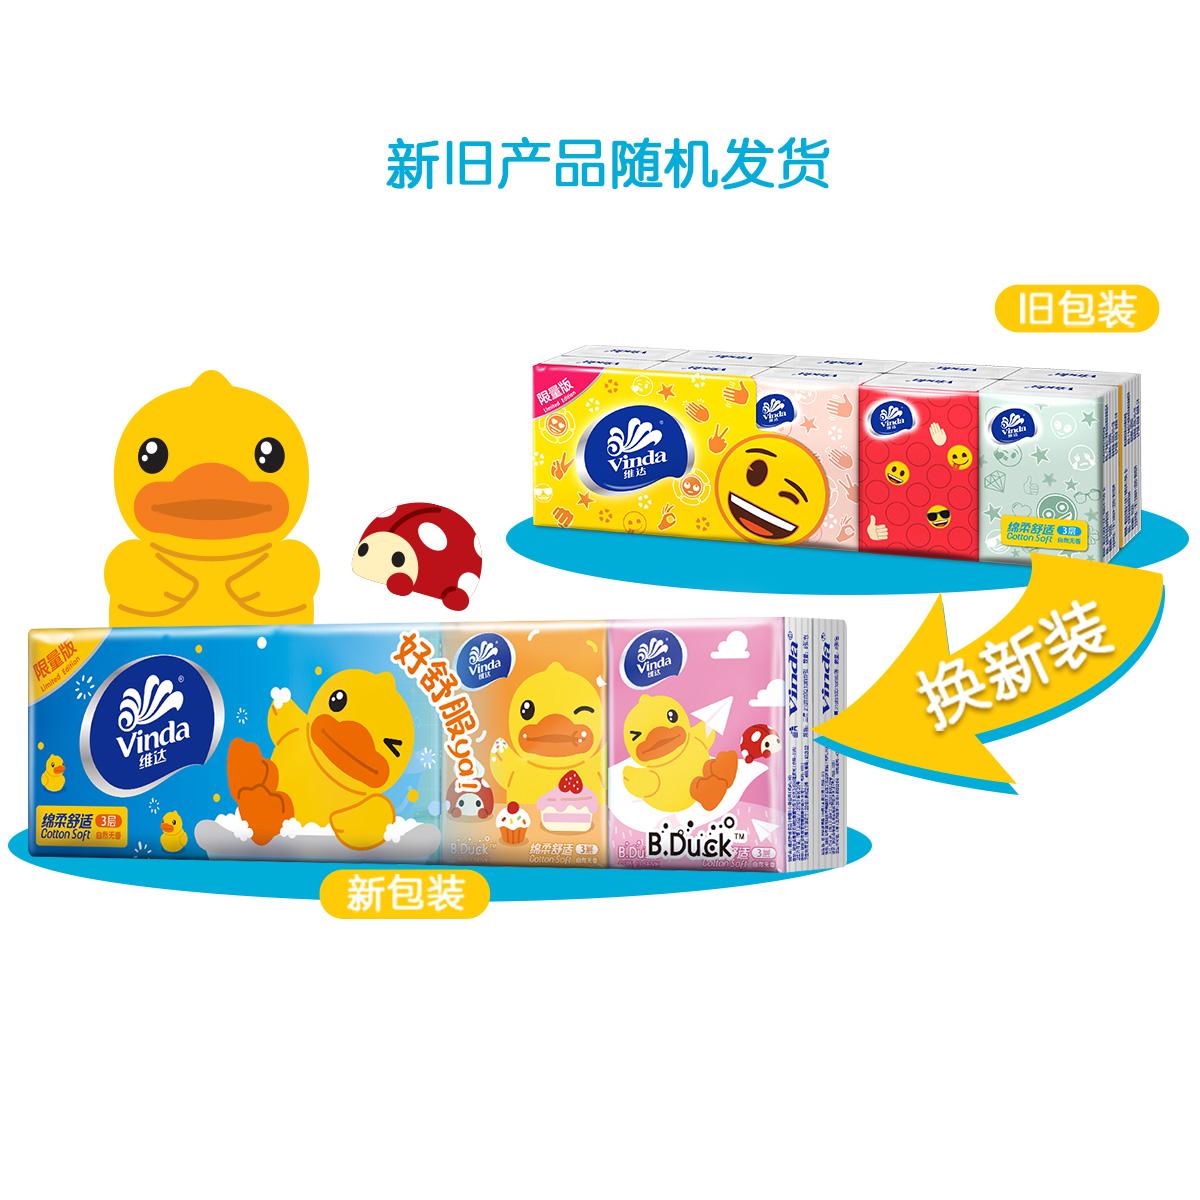 维达emoji/Bduck绵柔手帕纸套装3层8张50包卫生纸巾 新旧随机发货